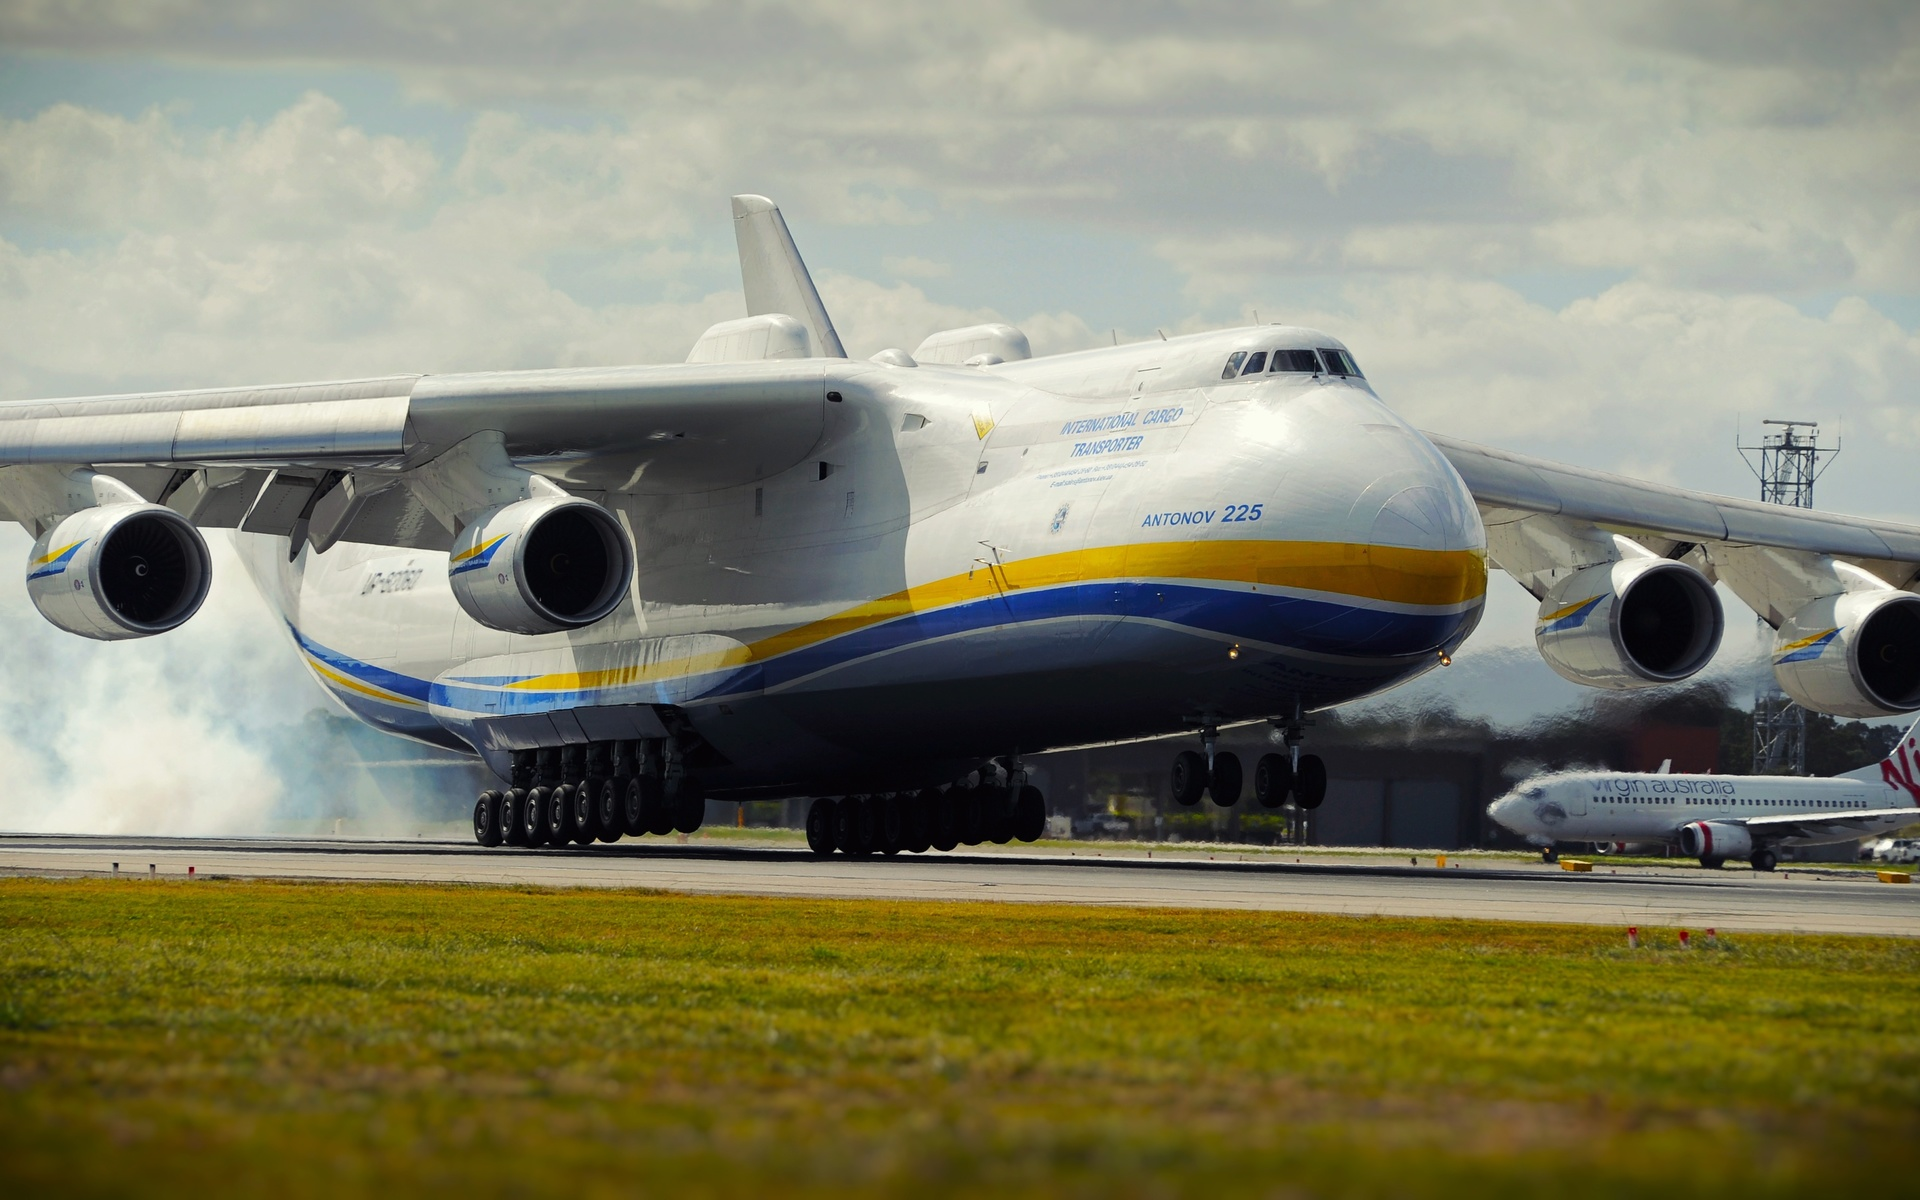 an 225, самолёт, производитель, украина, вес, 590 тонн, грузоподъемность, 254 тонны, скорость 762 км, взлет, ан-225, мрия